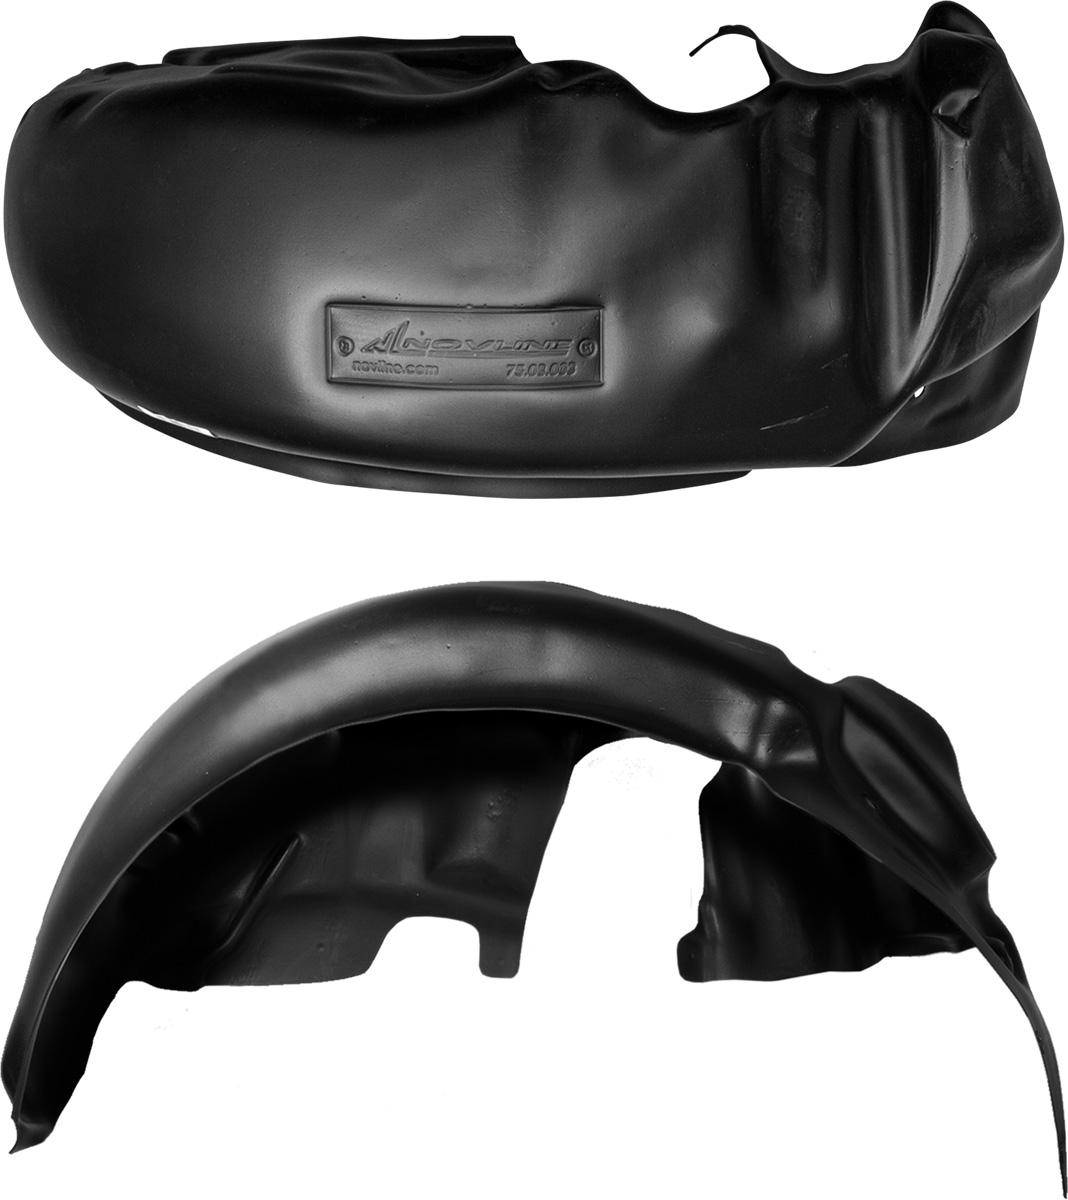 Подкрылок КIА Spectra 2005-2011, задний правыйSVC-300Колесные ниши – одни из самых уязвимых зон днища вашего автомобиля. Они постоянно подвергаются воздействию со стороны дороги. Лучшая, почти абсолютная защита для них - специально отформованные пластиковые кожухи, которые называются подкрылками, или локерами. Производятся они как для отечественных моделей автомобилей, так и для иномарок. Подкрылки выполнены из высококачественного, экологически чистого пластика. Обеспечивают надежную защиту кузова автомобиля от пескоструйного эффекта и негативного влияния, агрессивных антигололедных реагентов. Пластик обладает более низкой теплопроводностью, чем металл, поэтому в зимний период эксплуатации использование пластиковых подкрылков позволяет лучше защитить колесные ниши от налипания снега и образования наледи. Оригинальность конструкции подчеркивает элегантность автомобиля, бережно защищает нанесенное на днище кузова антикоррозийное покрытие и позволяет осуществить крепление подкрылков внутри колесной арки практически без дополнительного крепежа и сверления, не нарушая при этом лакокрасочного покрытия, что предотвращает возникновение новых очагов коррозии. Технология крепления подкрылков на иномарки принципиально отличается от крепления на российские автомобили и разрабатывается индивидуально для каждой модели автомобиля. Подкрылки долговечны, обладают высокой прочностью и сохраняют заданную форму, а также все свои физико-механические характеристики в самых тяжелых климатических условиях ( от -50° С до + 50° С).